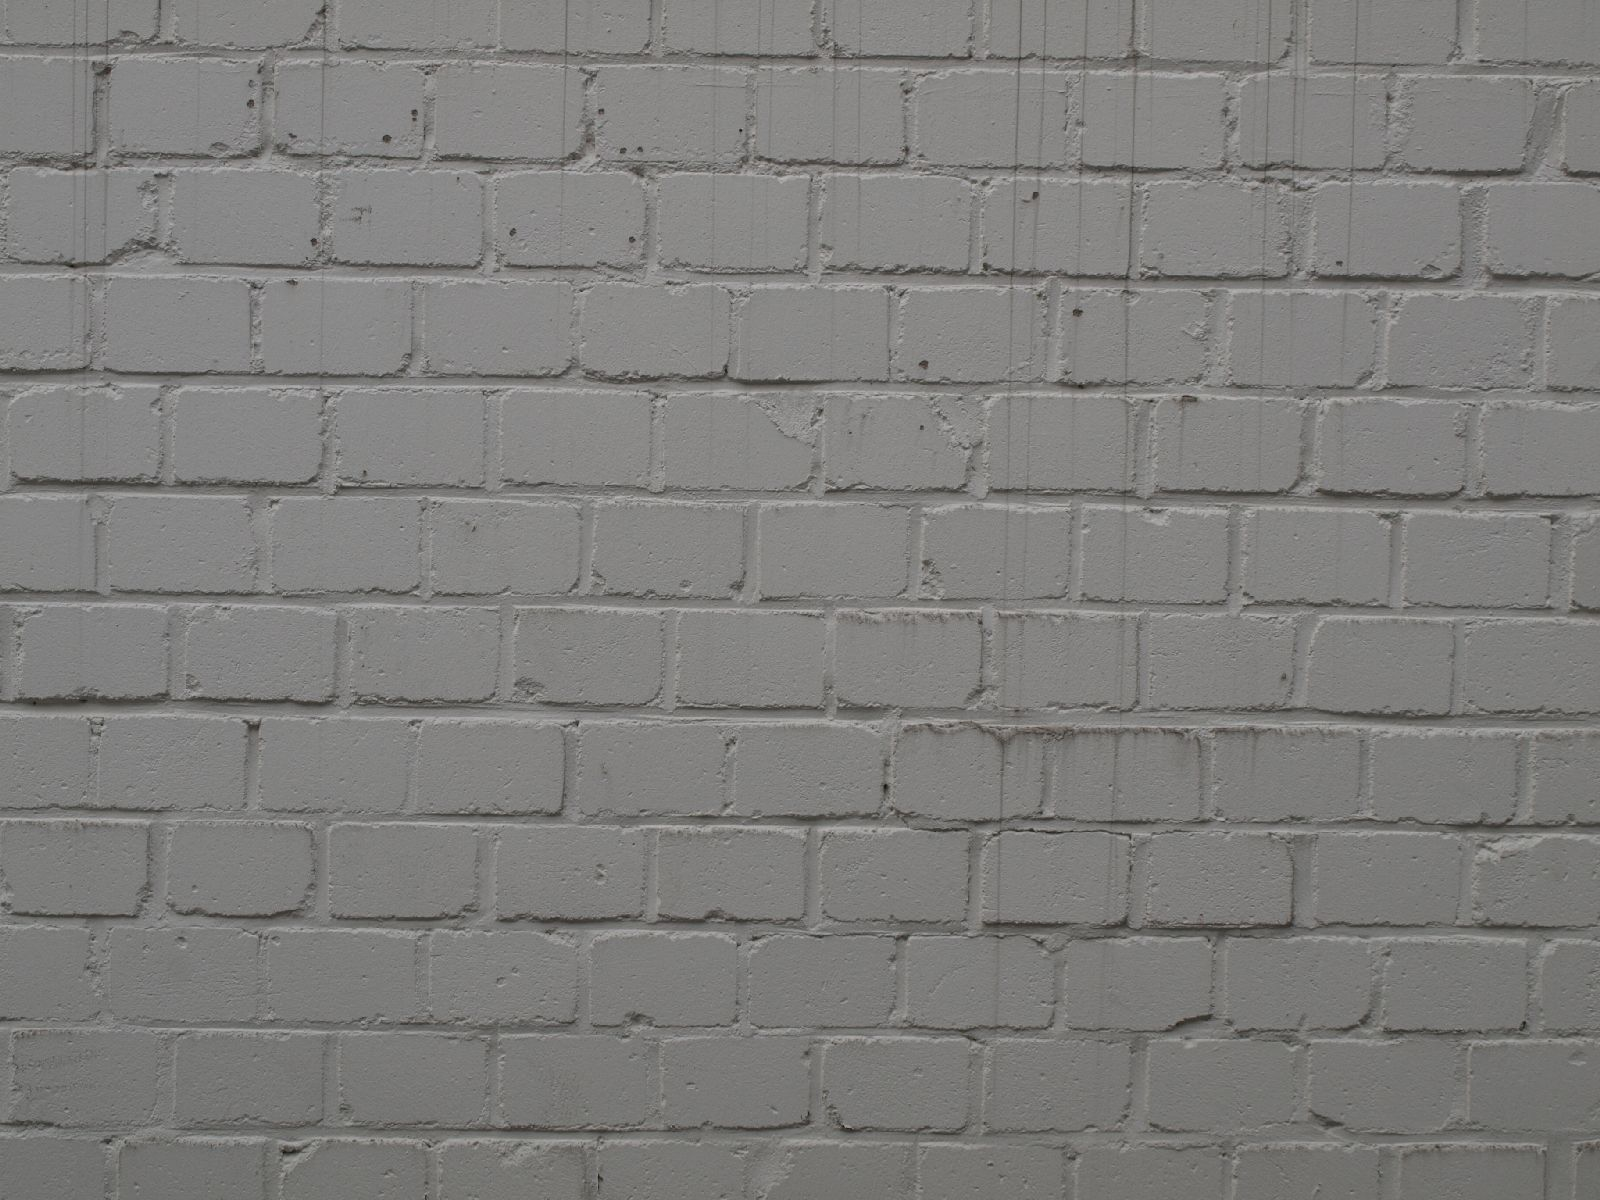 Brick_Texture_A_BT0285